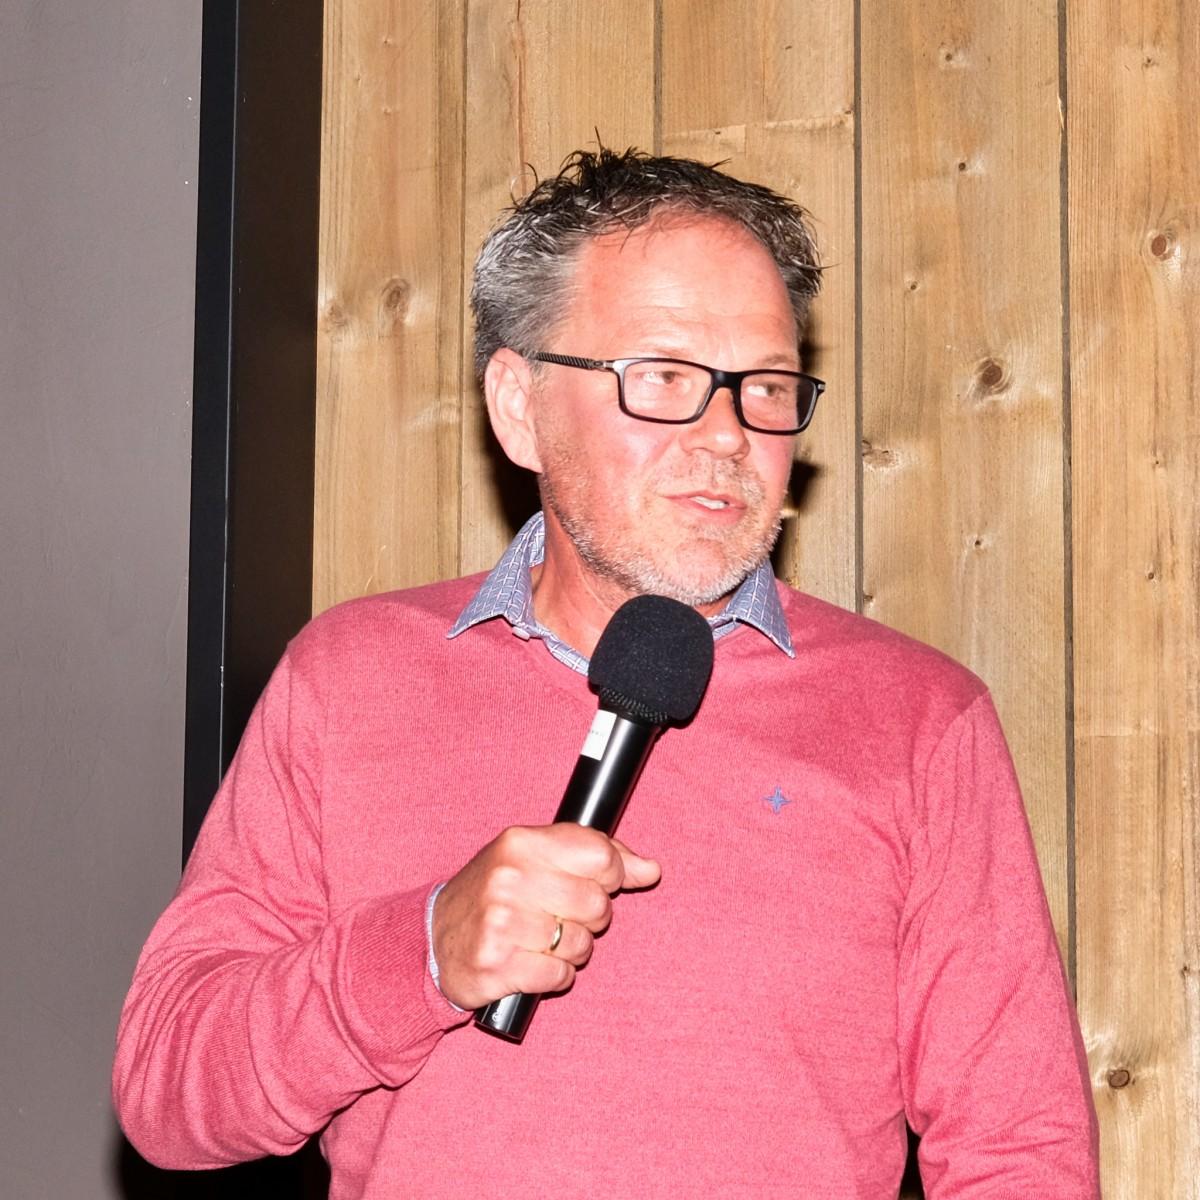 Foto voetbaltrainer Henk de Jong tijdens de feestavond van de Vrienden van VV Dalen